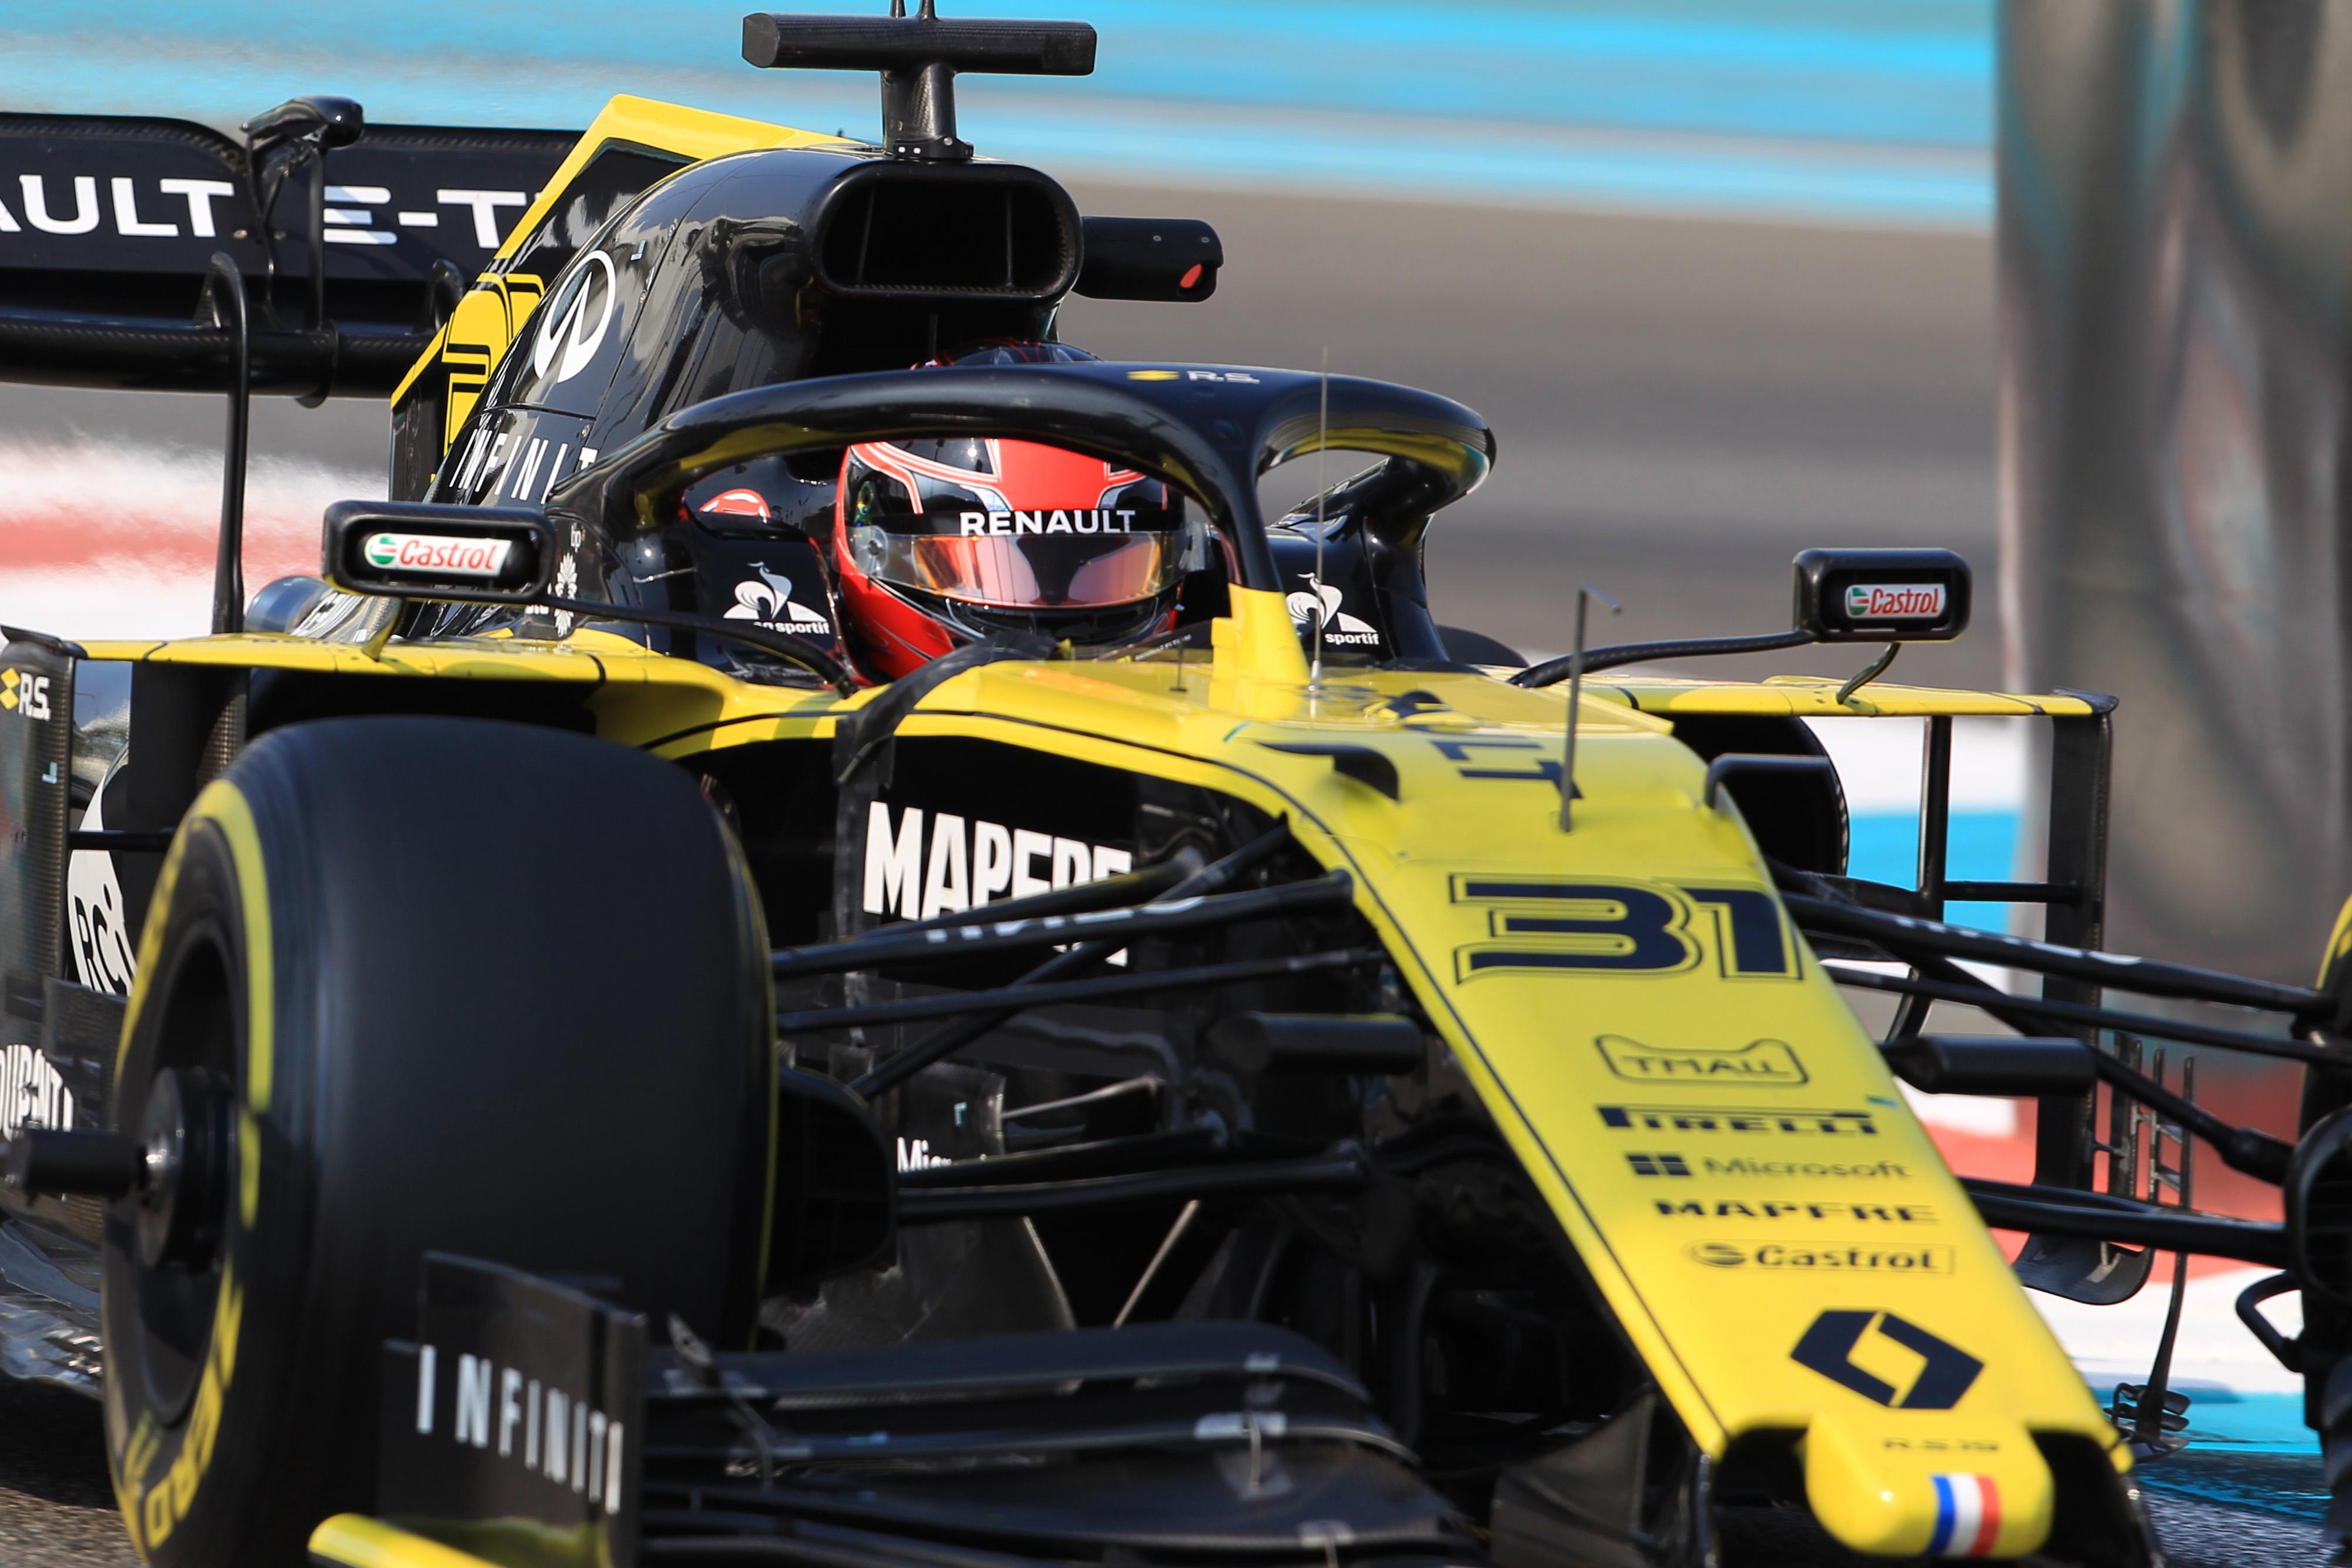 F1 Formula 1 Formula One Testing Pirelli returned to formula 1 abu dhabi tyre testing esteban ocon